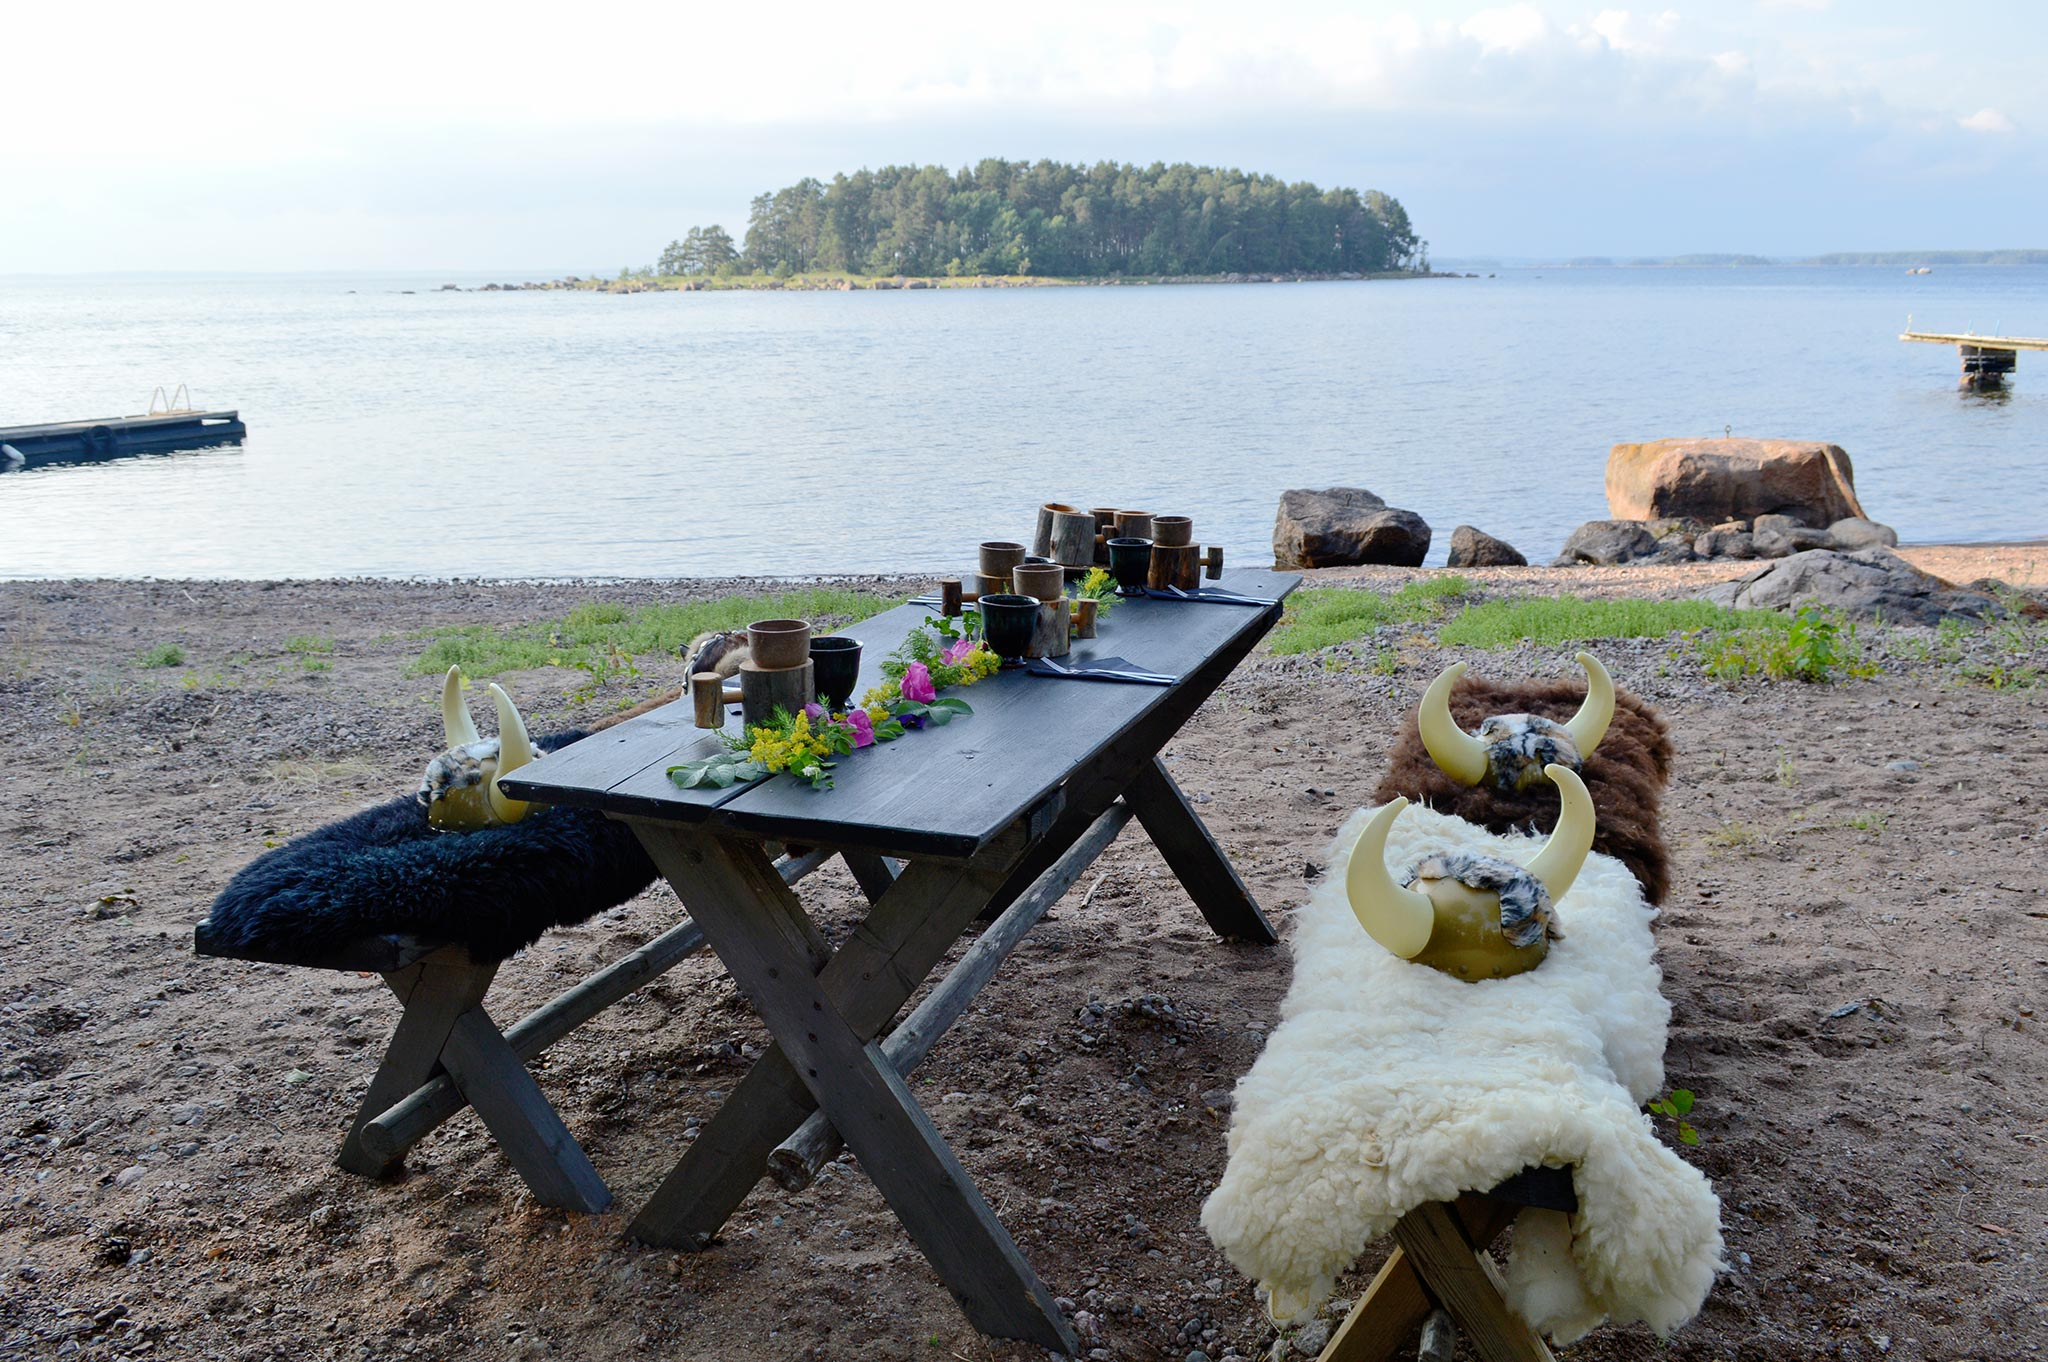 Virpi Illi osaa loihtia kauniita kattauksia ja herkullisia aterioita, kuten tämä viikinkiteemainen illallinen Rakin Kotkan uimarannalla. Kuva: Elisa Helenius